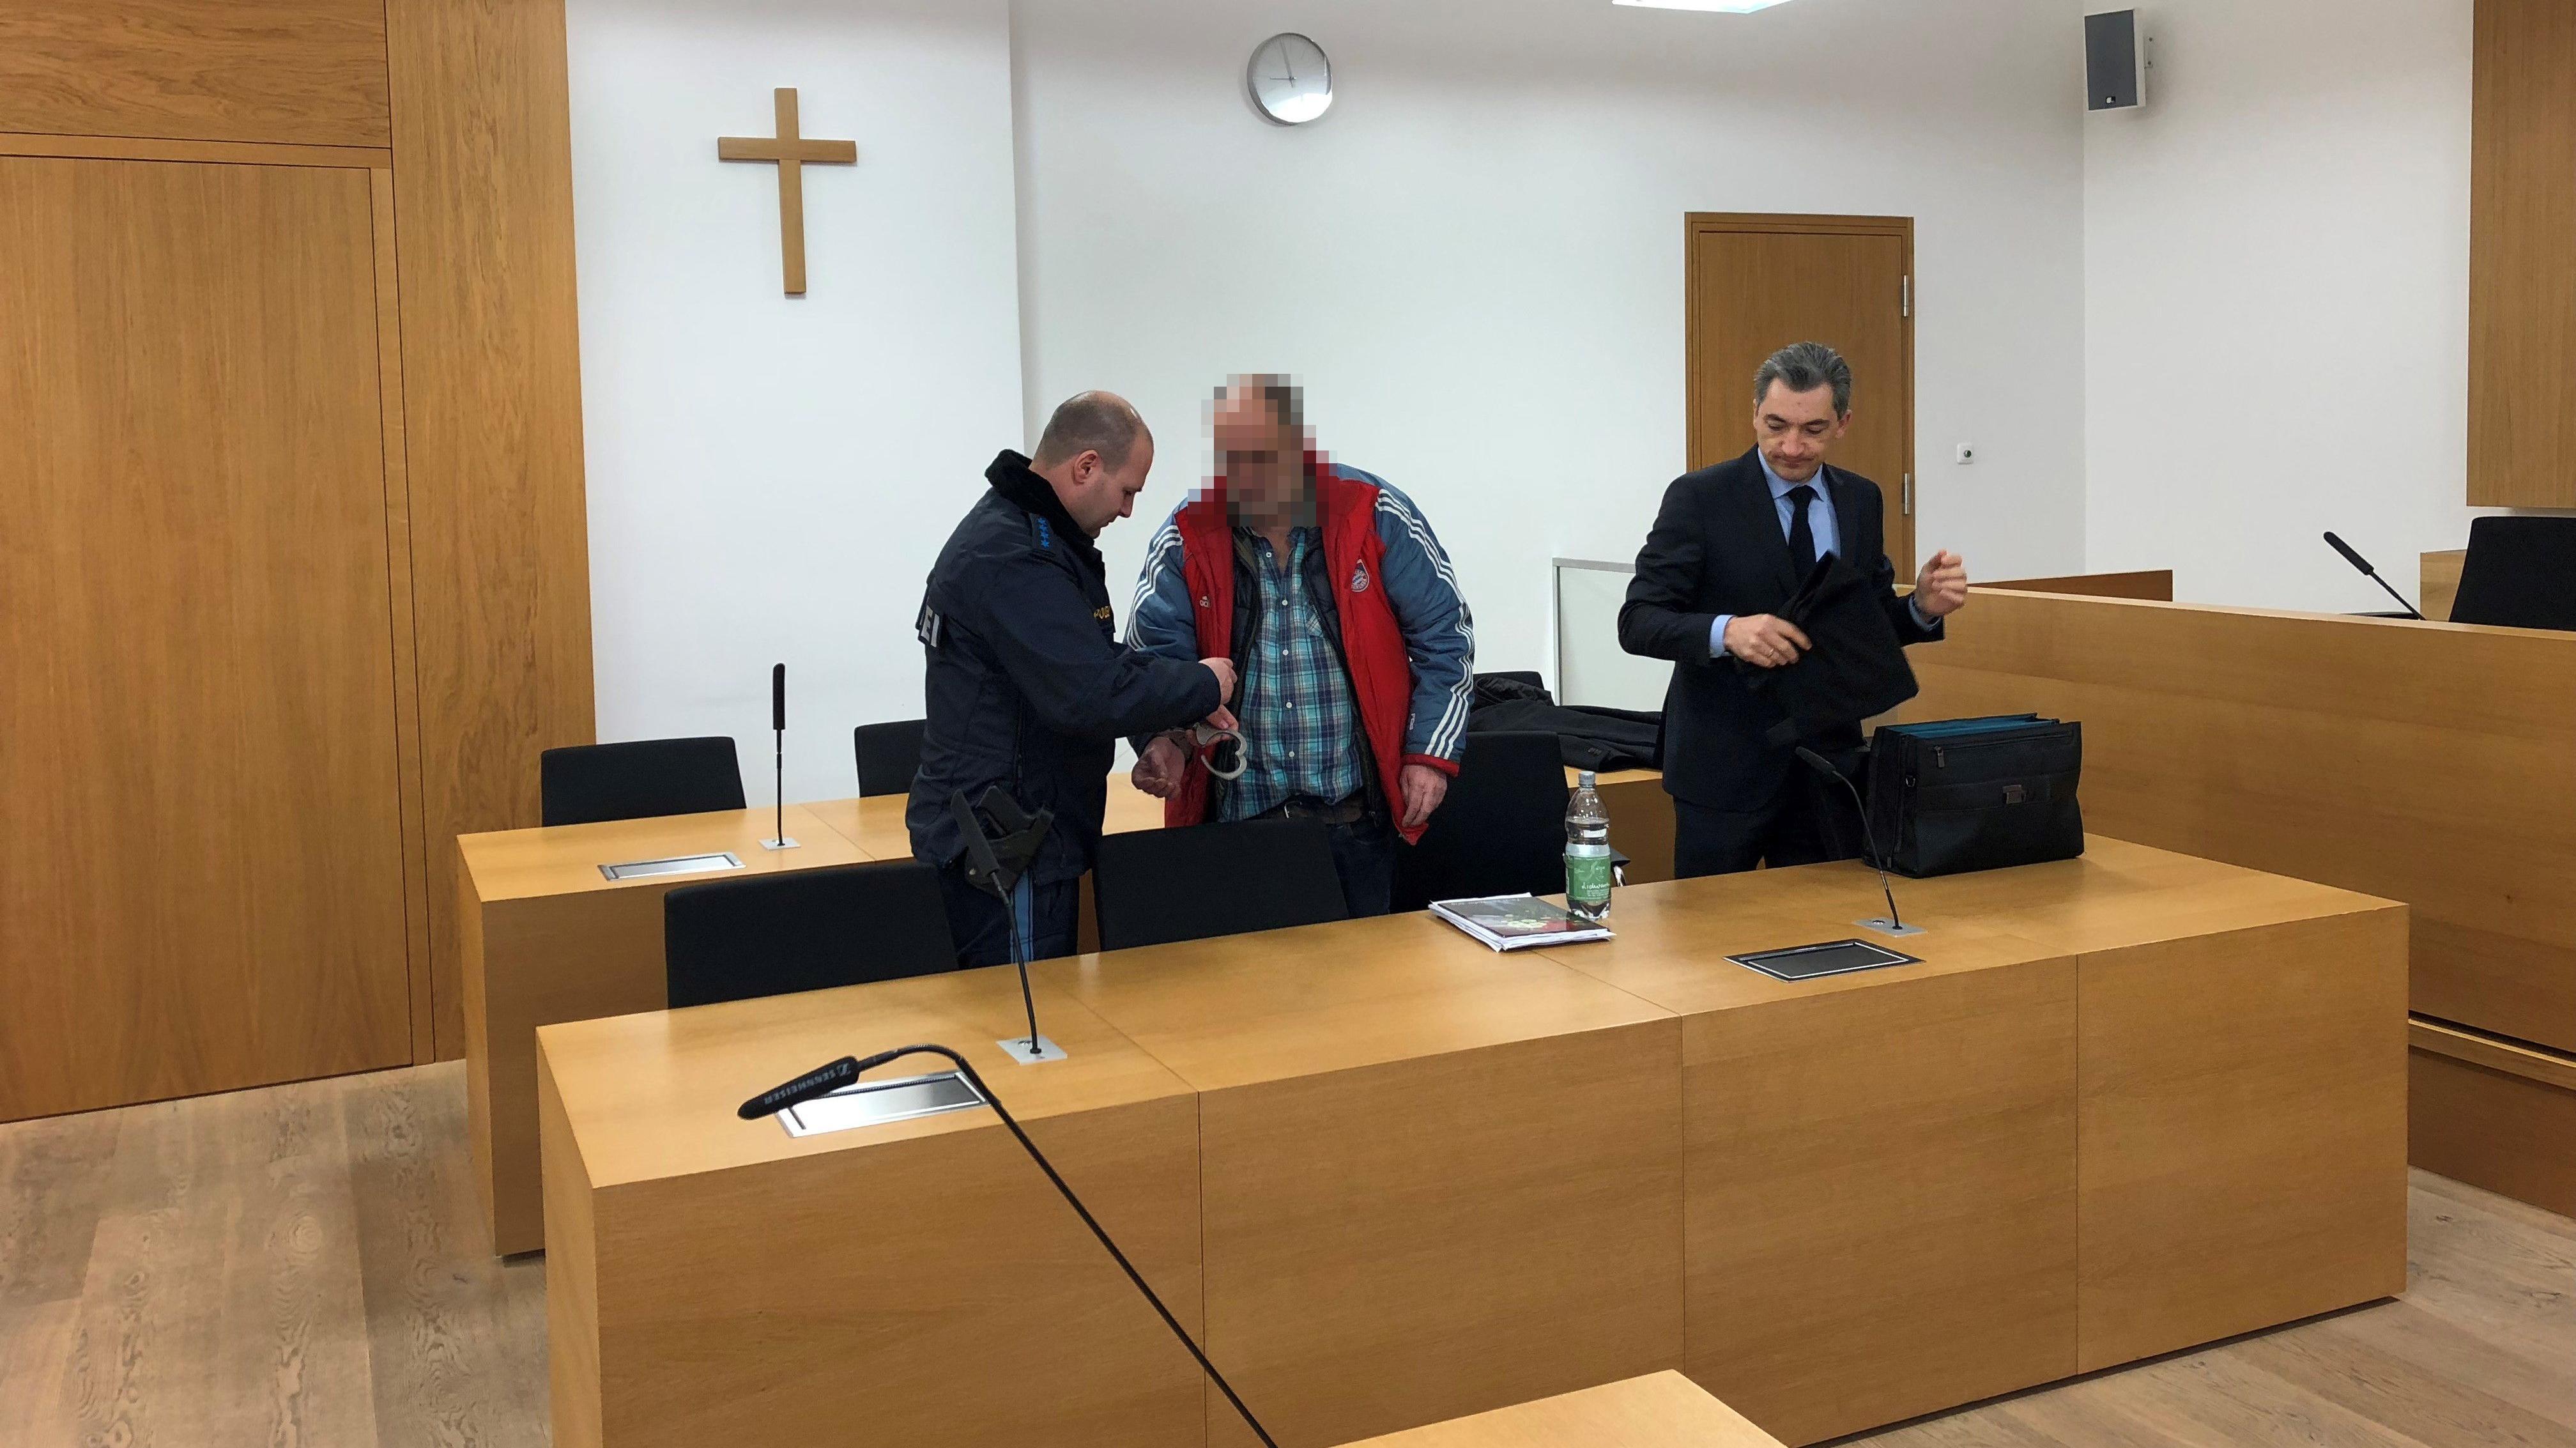 Der Angeklagte wurde heute freigesprochen.